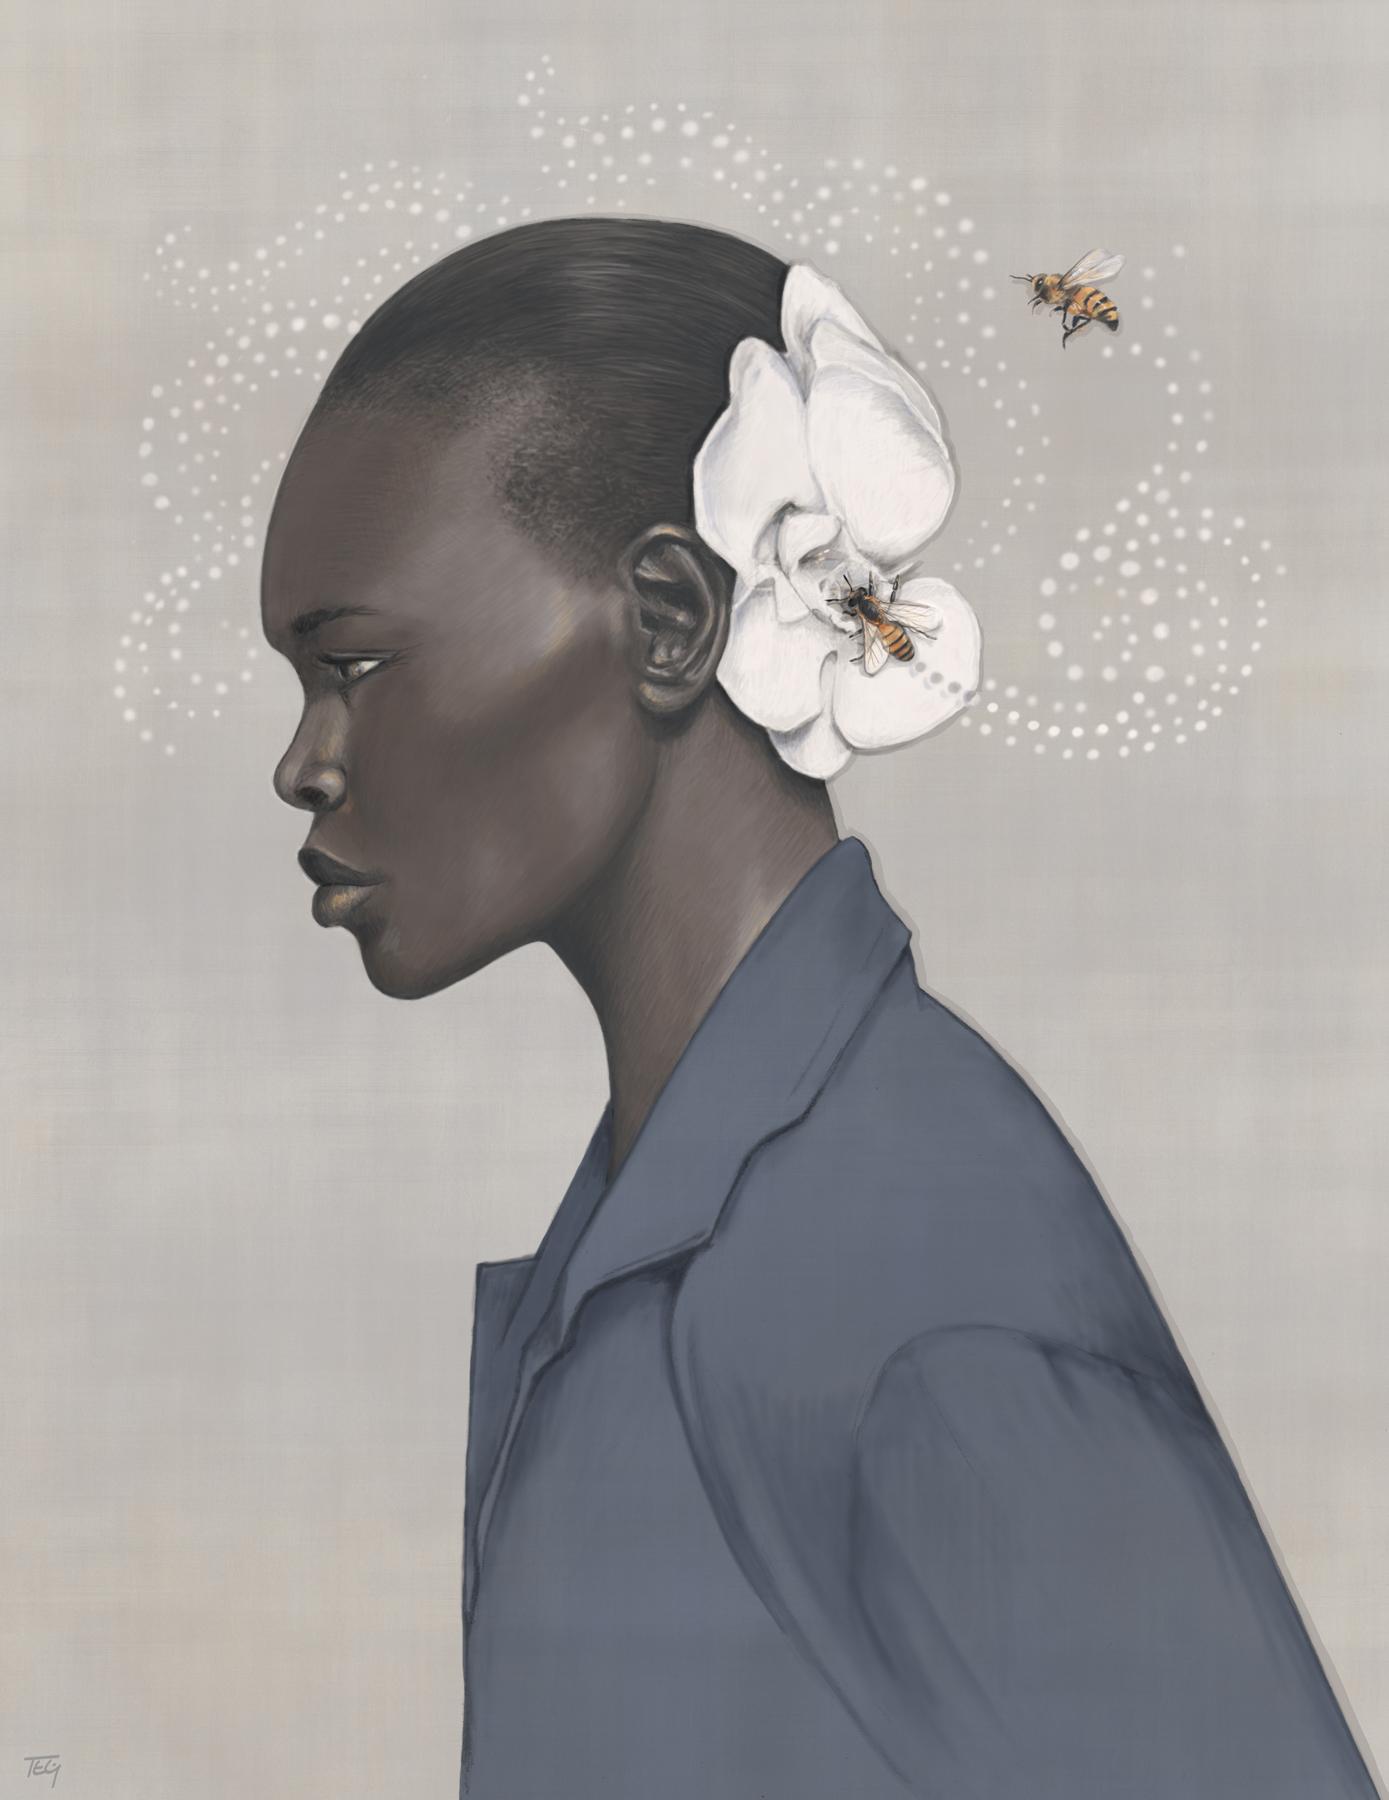 Queen Bee - graphite & digital painting, 2015